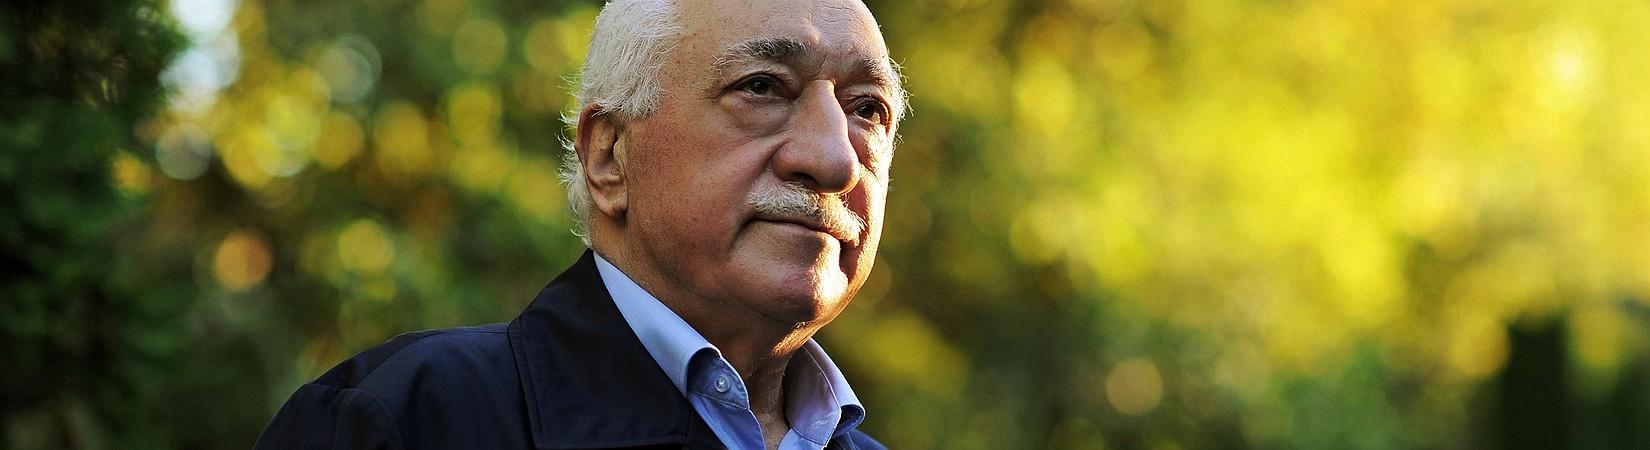 Turquía exige la extradición del presunto cerebro detrás del golpe de Estado